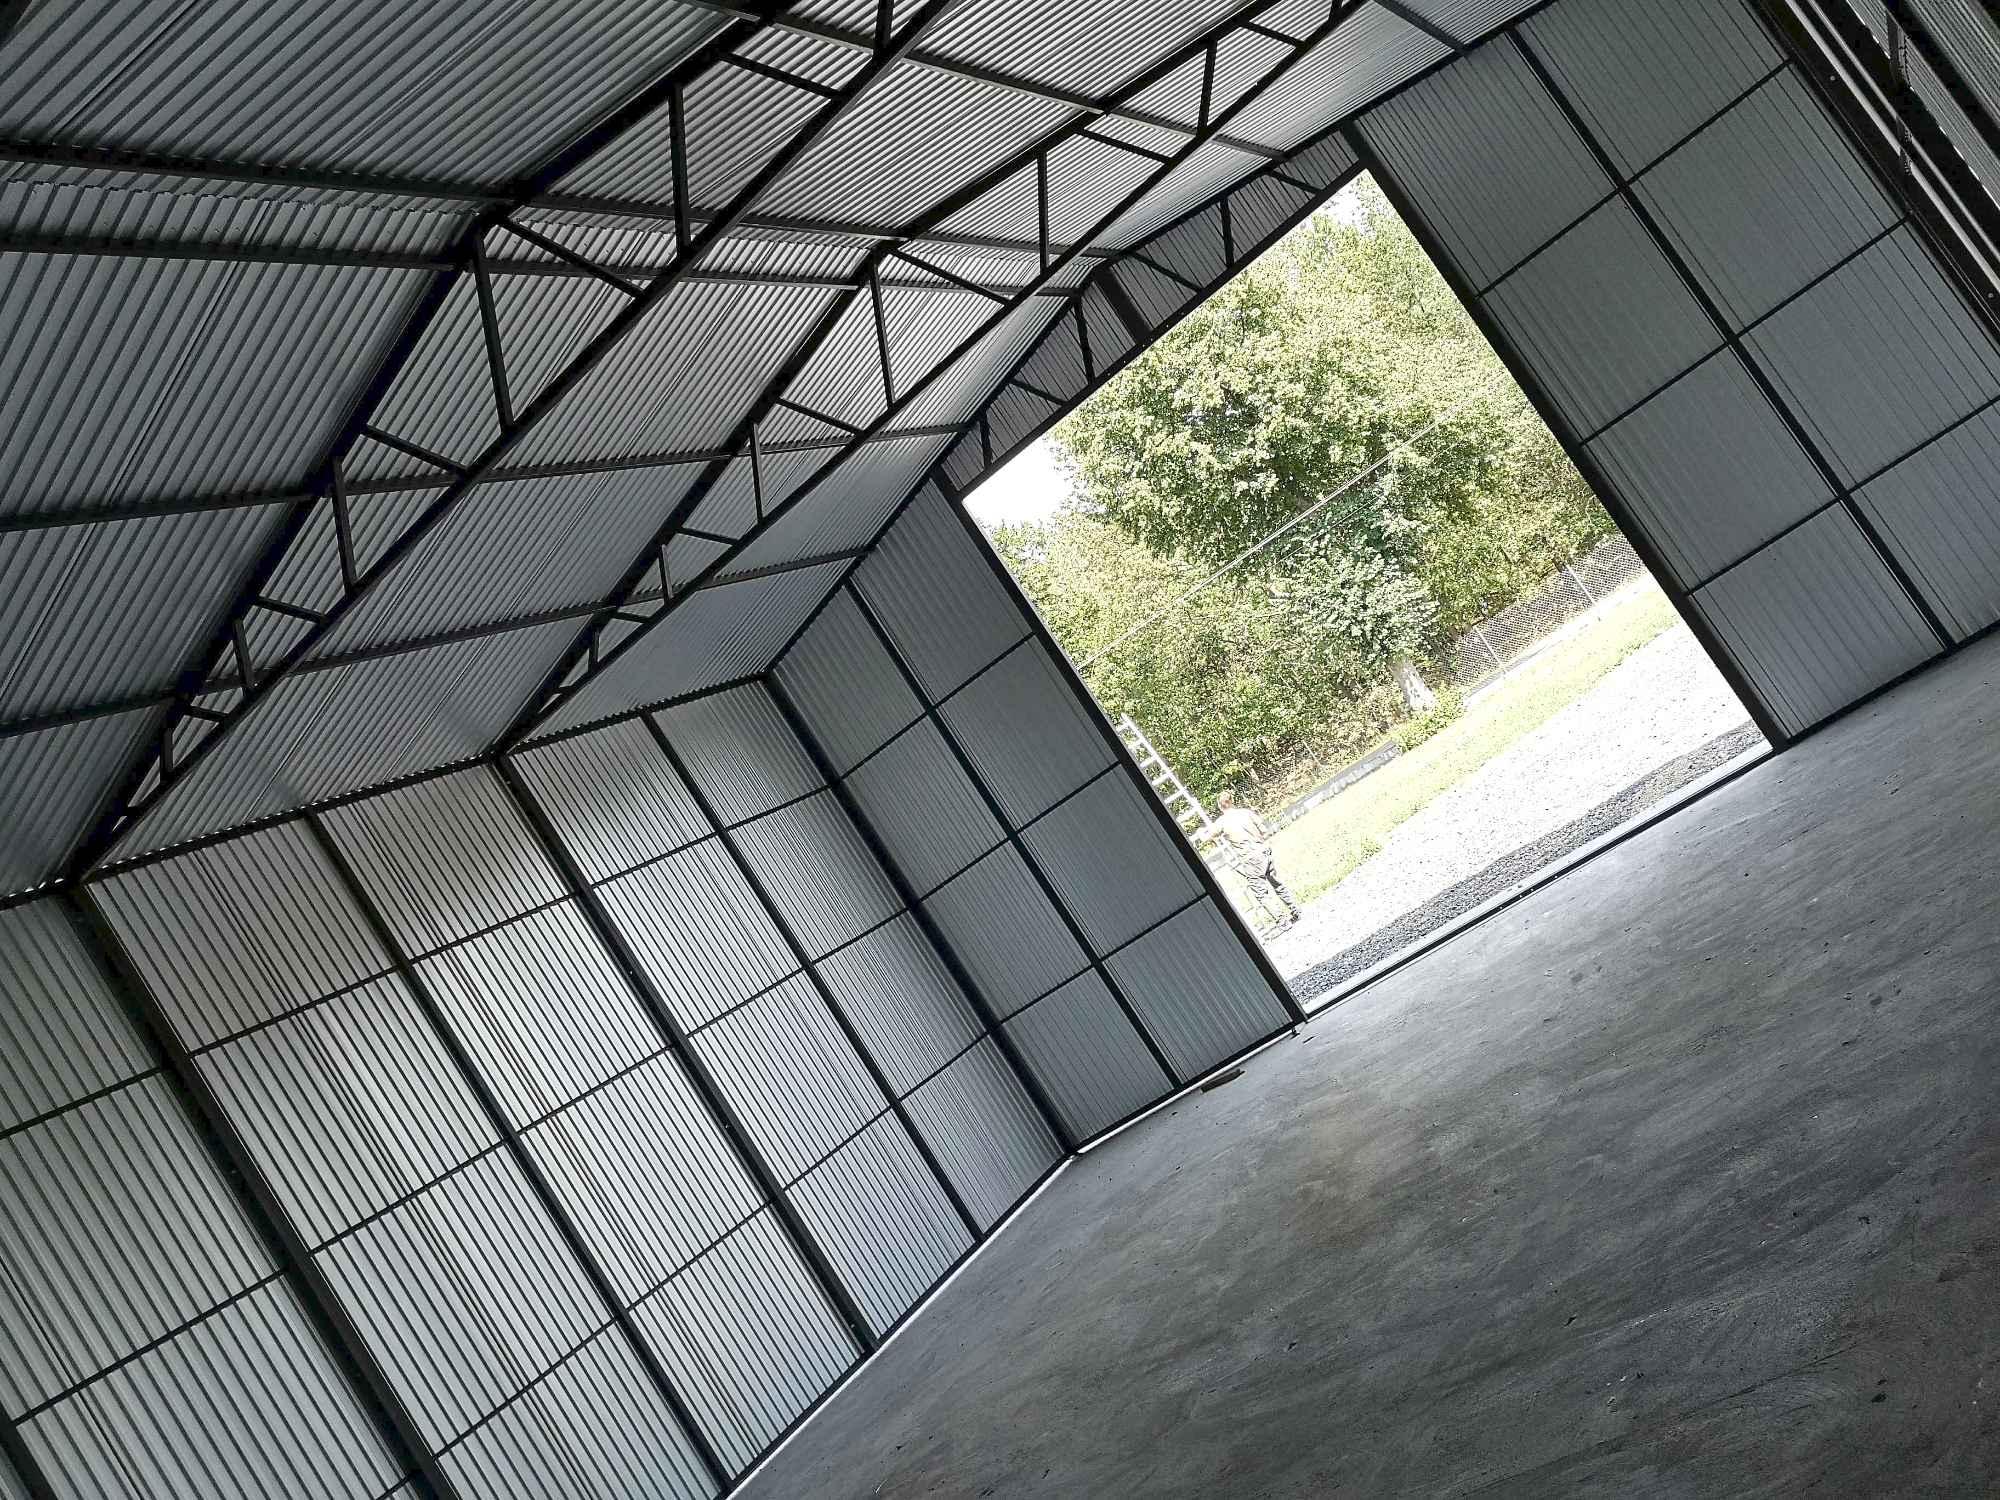 Garaż, Hala blaszana dwuspadowa 12x8 m trzy bramy, okna, drzwi, okucia Bochnia - zdjęcie 2